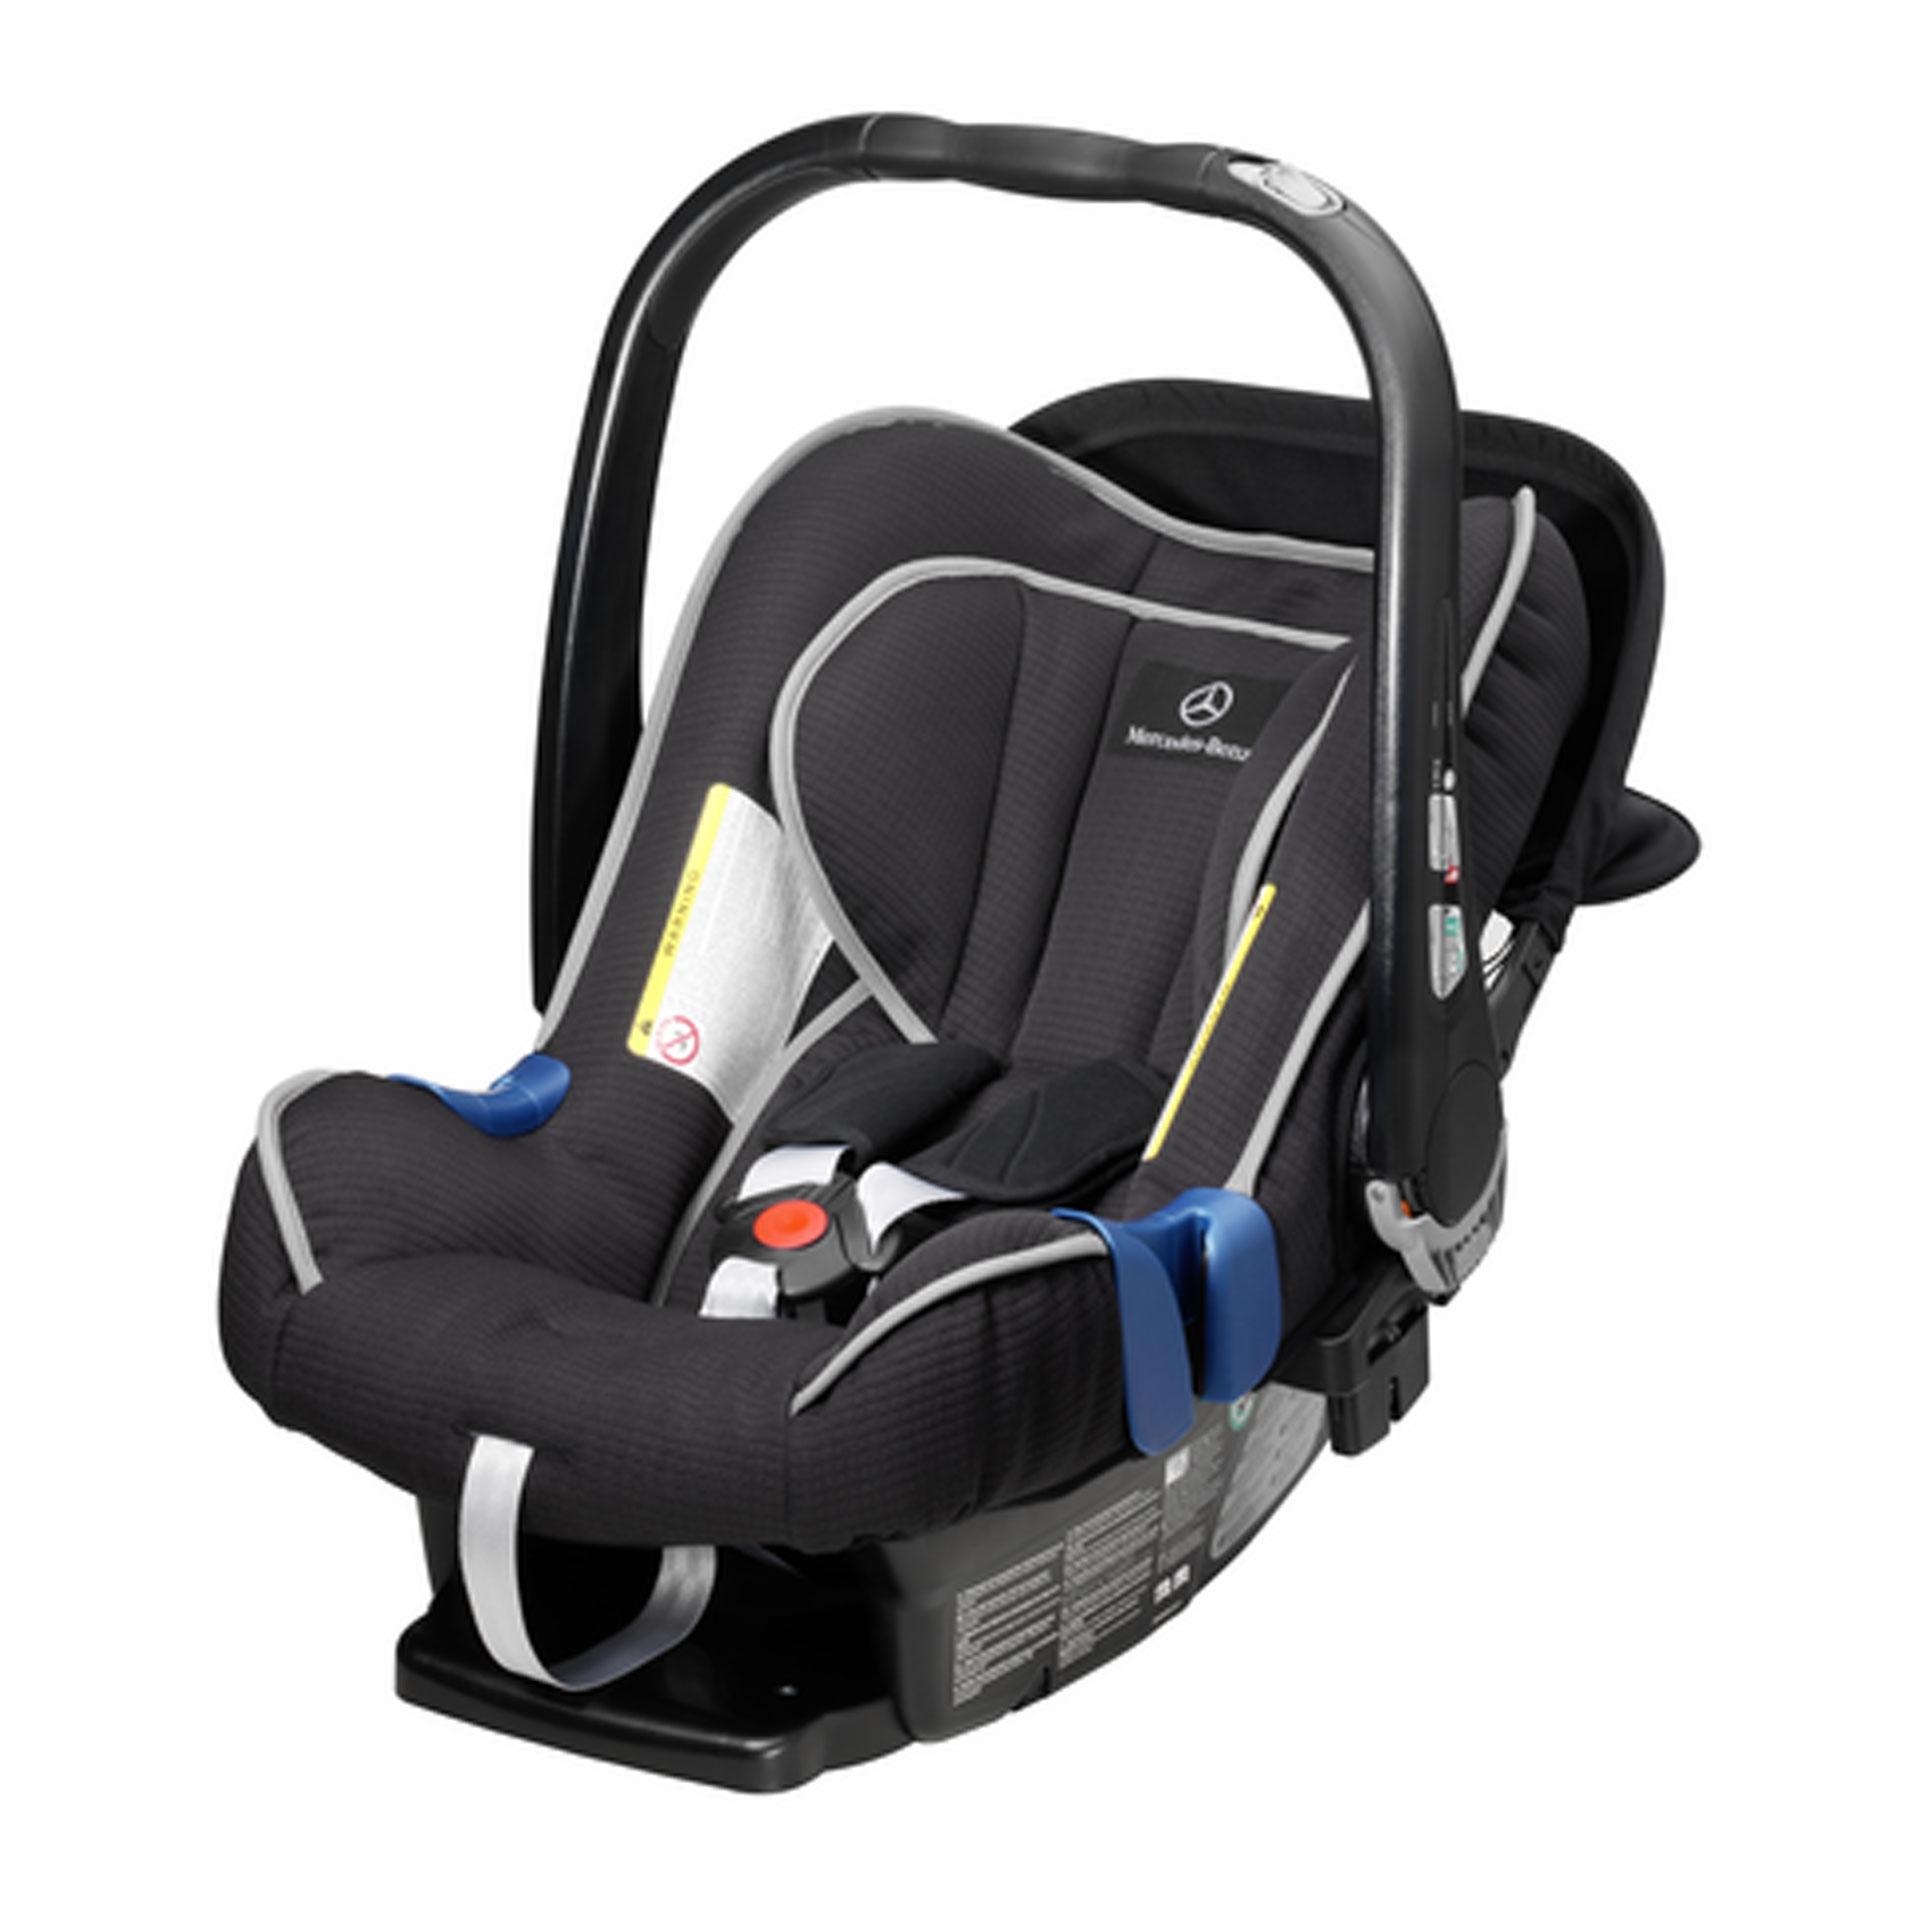 Mercedes-Benz Ersatzbezug für Kindersitz / Babyschale BABY-SAFE plus II schwarz